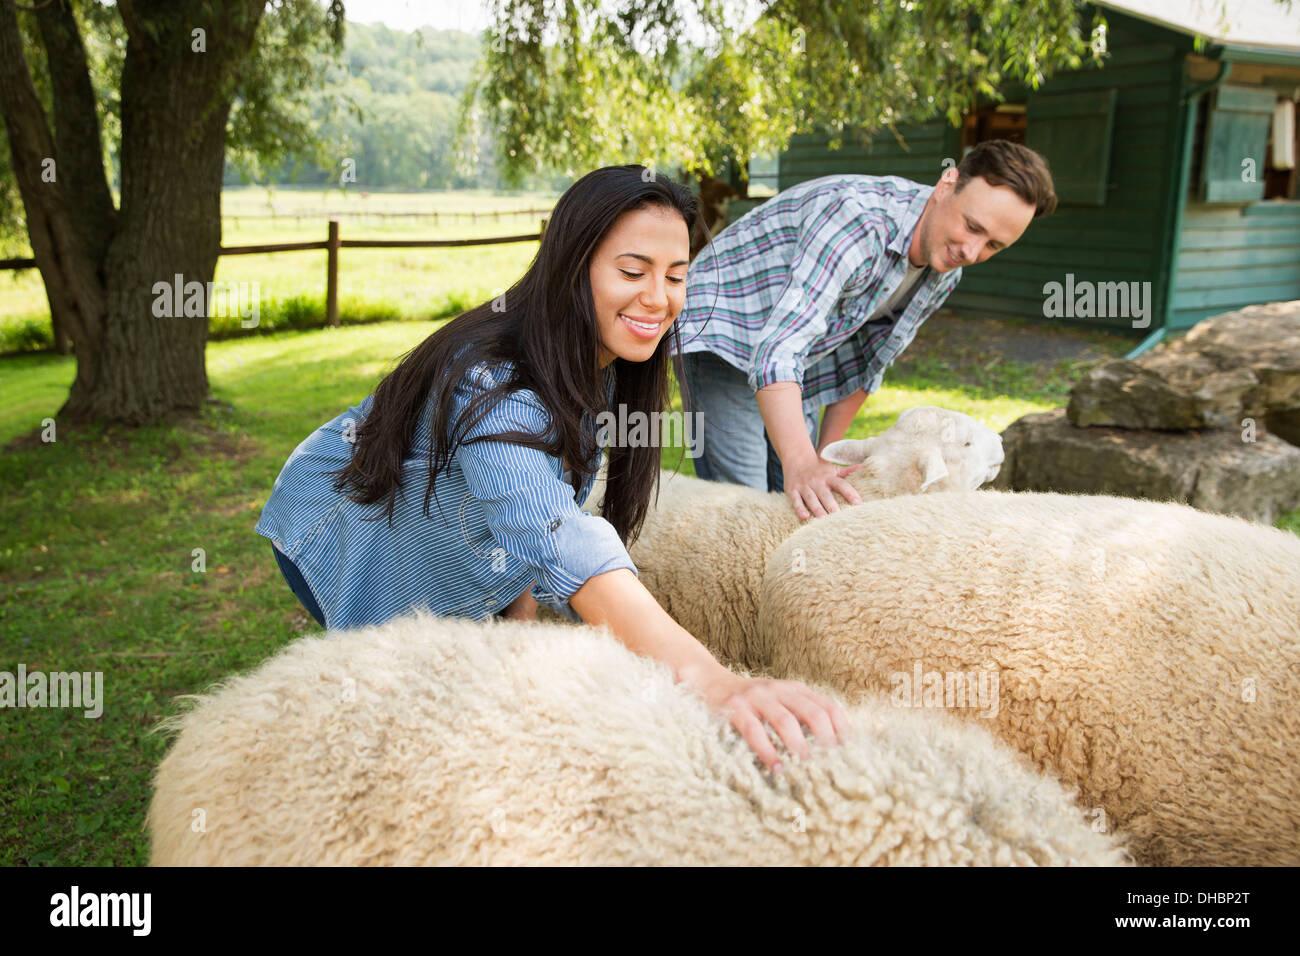 Un agriturismo biologico nelle Catskills Mountains. Due persone in un paddock con due grandi pecore. Immagini Stock